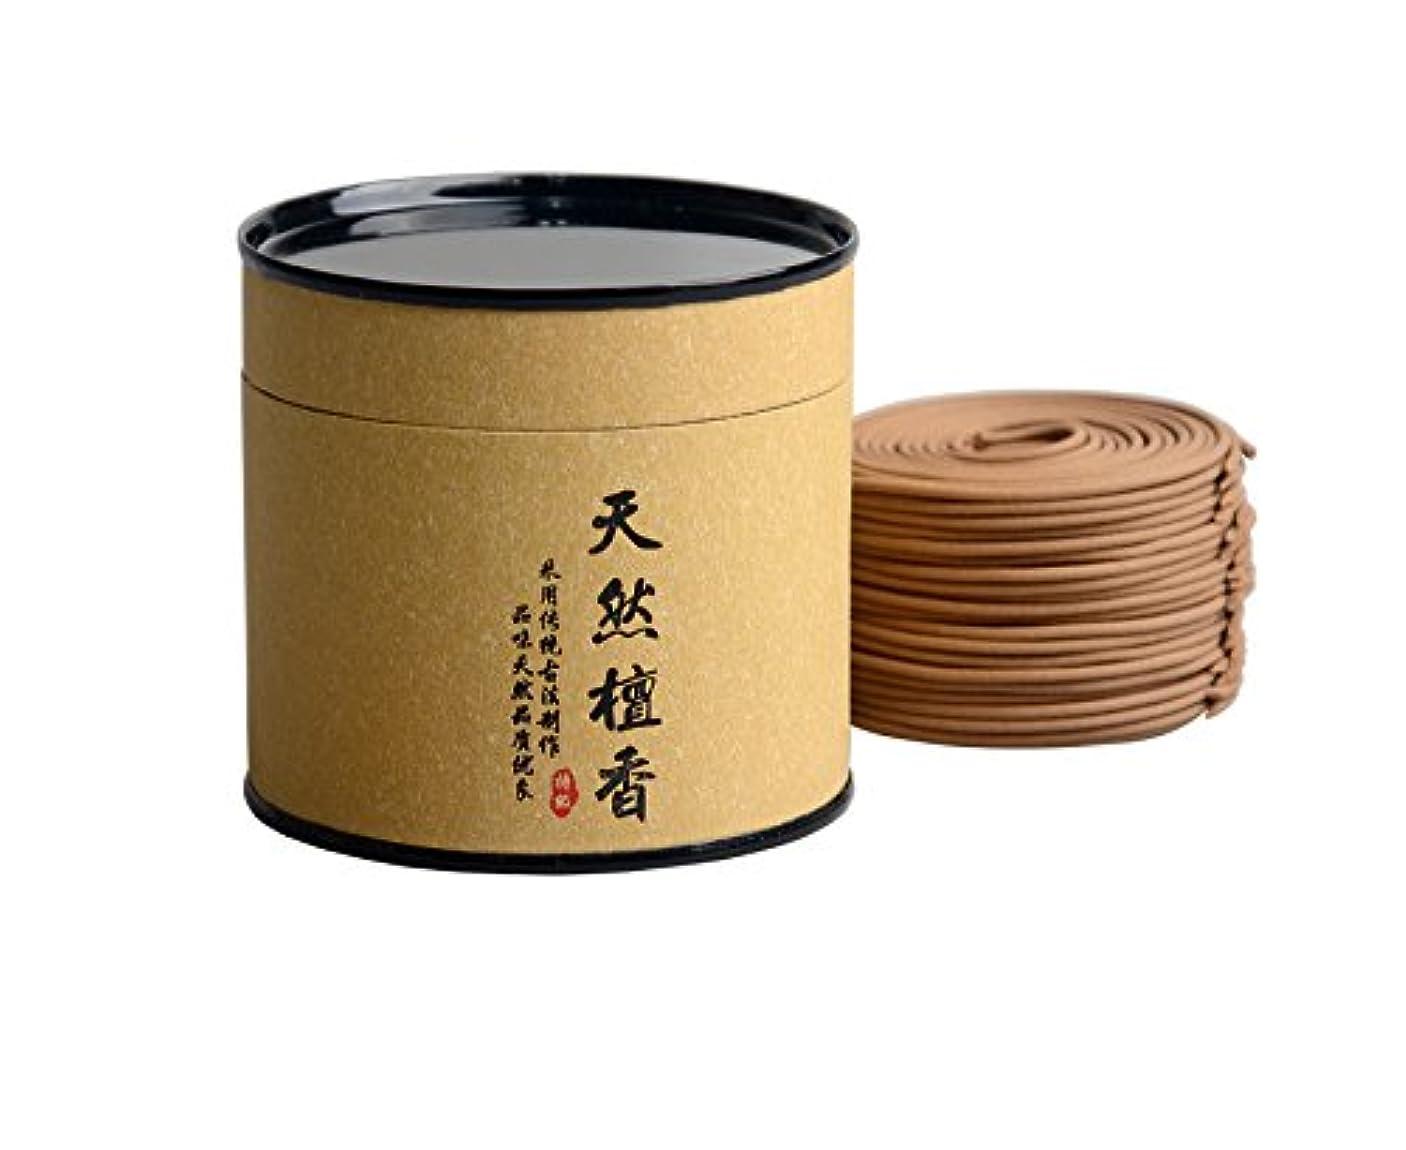 ブラシ清める伝統的Hwagui しぜん 手作り お香 ギフト 優しい香り 渦巻き線香 オーストラリア 白檀 (白檀-4時間)